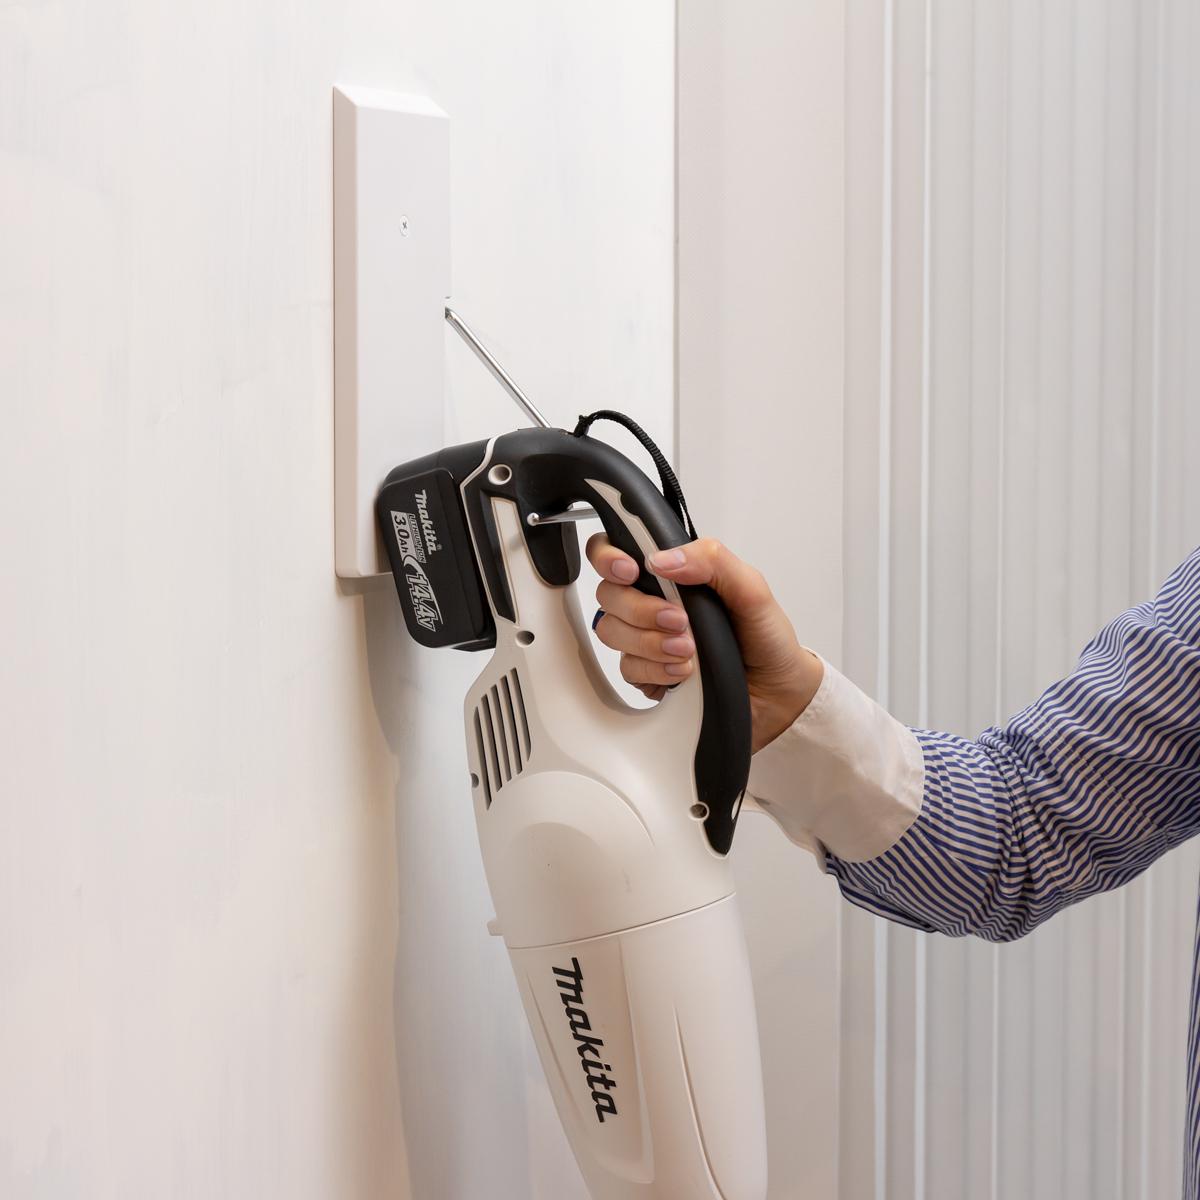 マキタなど「ループ状の持ち手がある掃除機」が壁掛け可能。穴が目立たない極細ピンで、コードレス掃除機をスマートに壁掛けできるフック|Pinde(ピンデ)